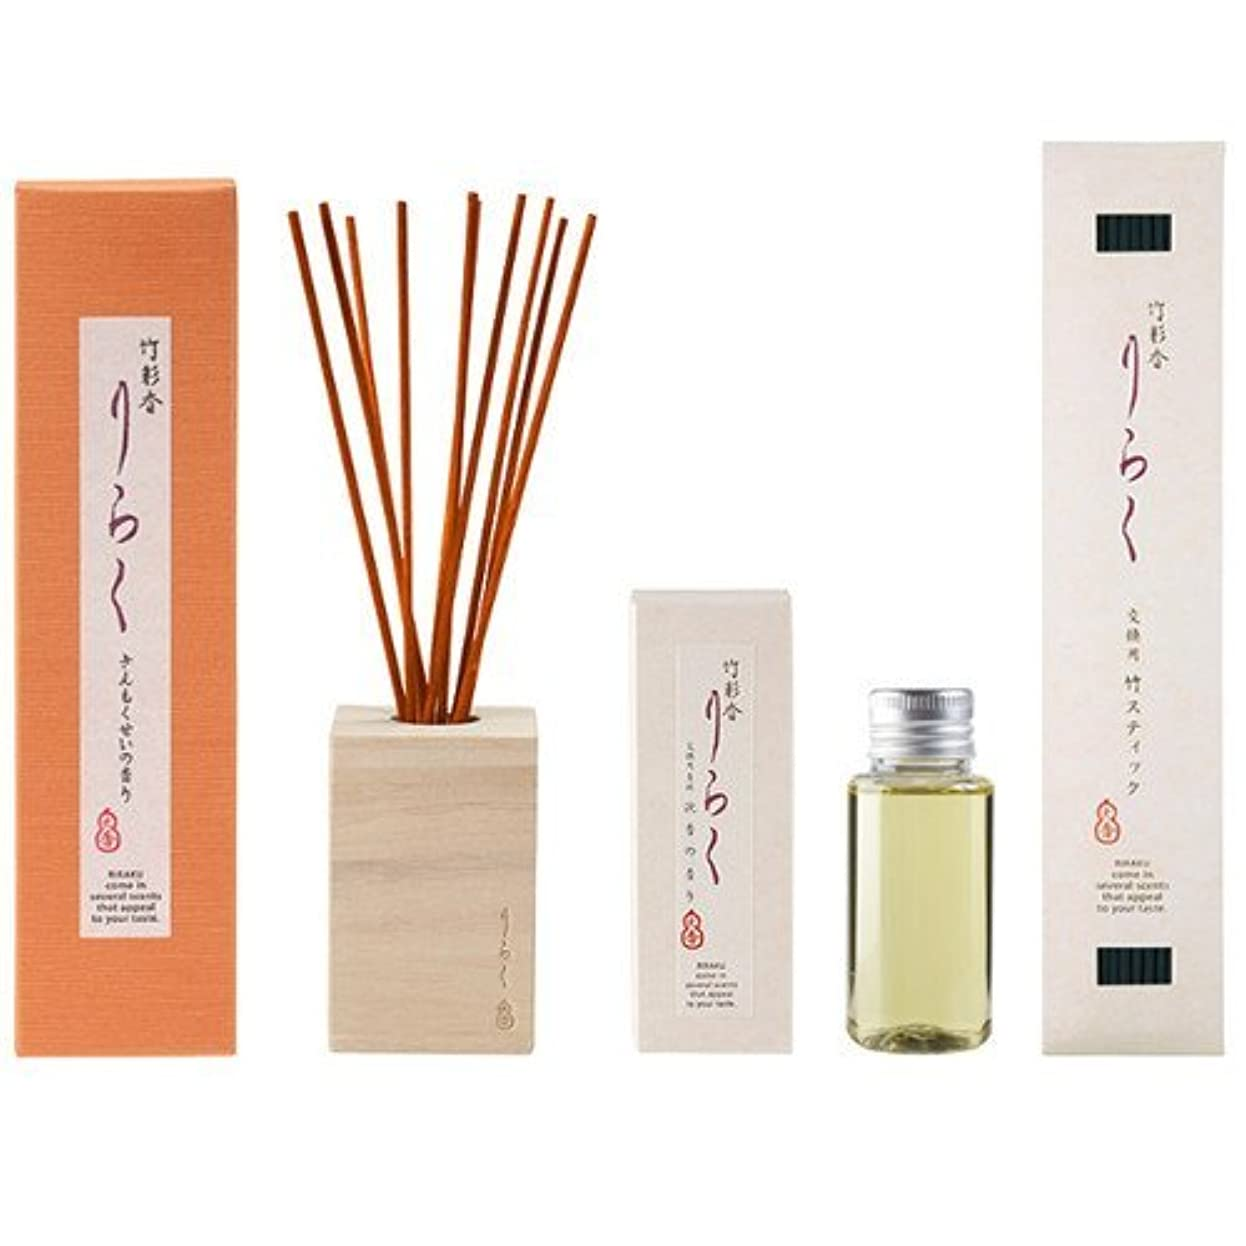 哲学者壁二大香 竹彩香 りらく きんもくせい 50ml と 交換用 きんもくせい、交換用竹スティック きんもくせいの色 セット